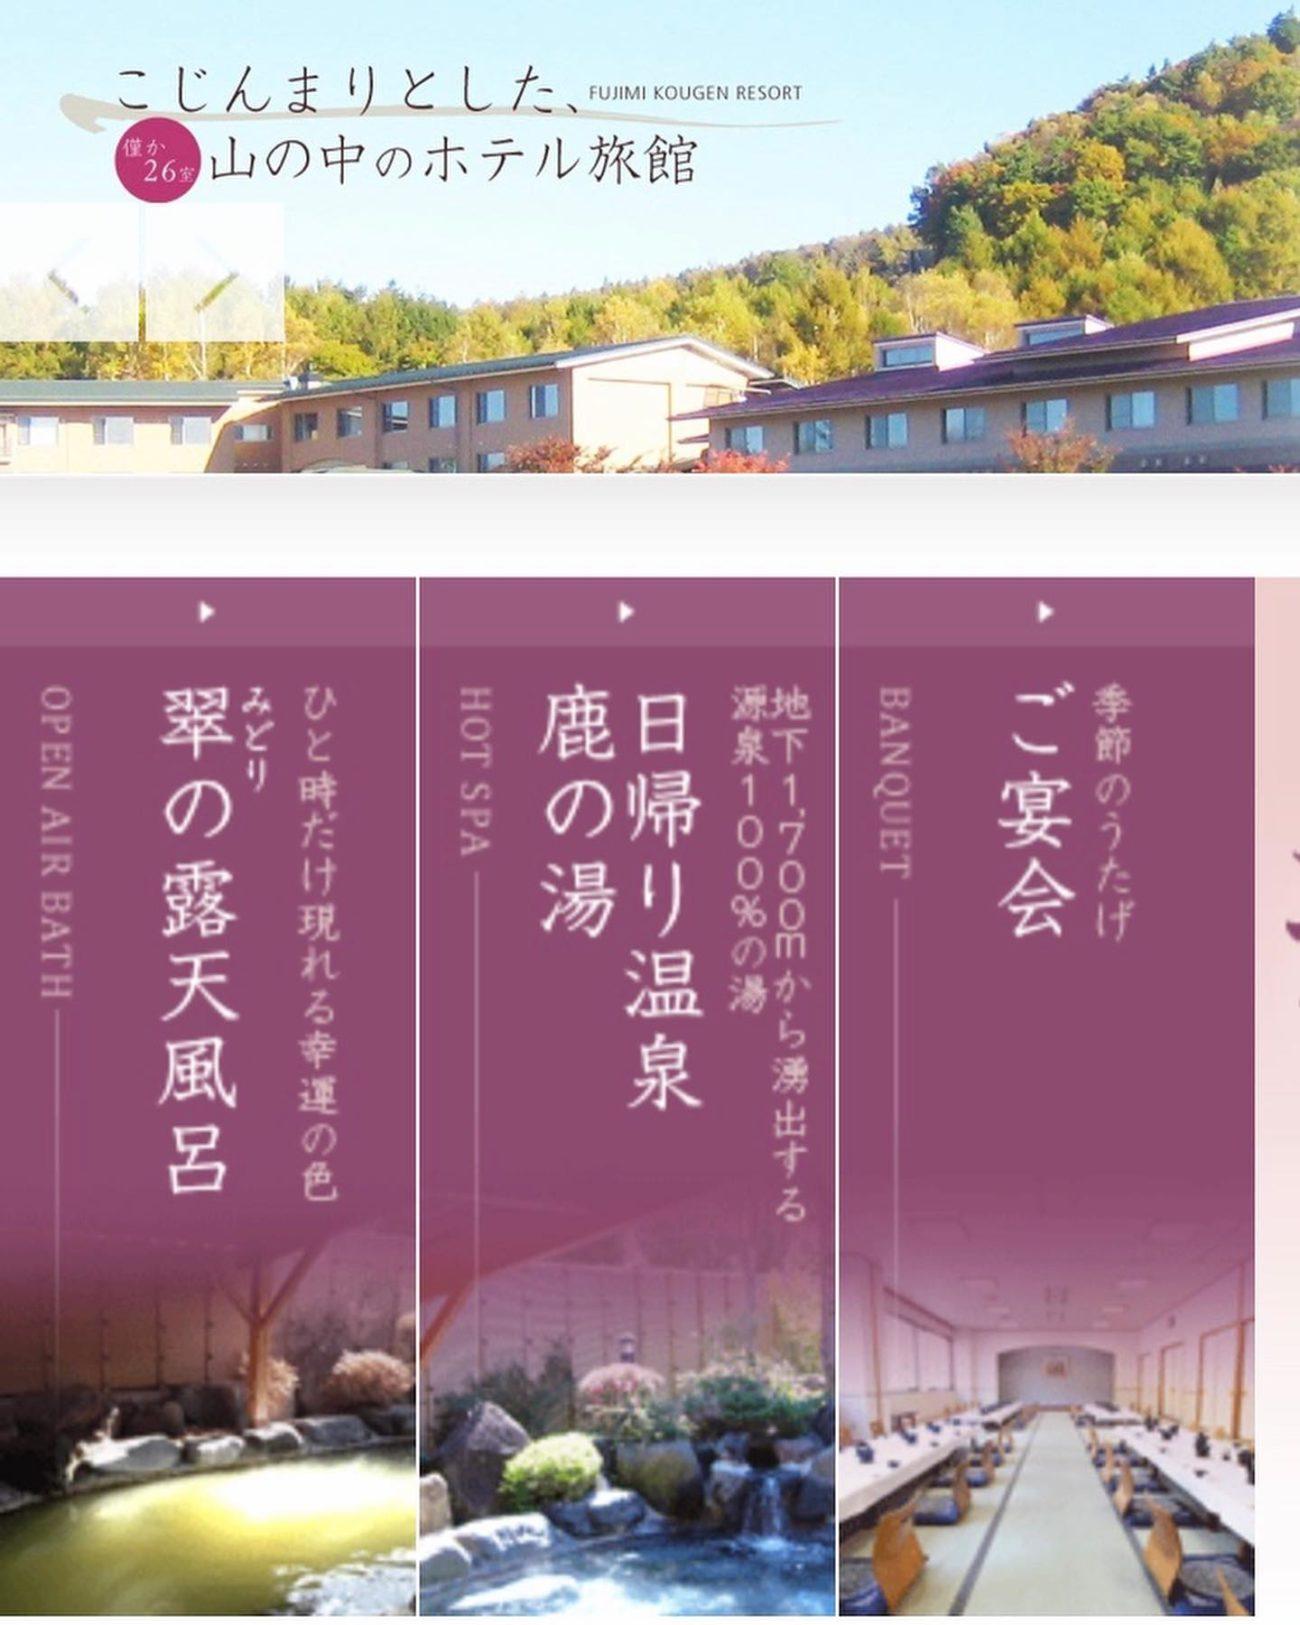 アビエス2020パートナー紹介-富士見高原リゾート-プラン